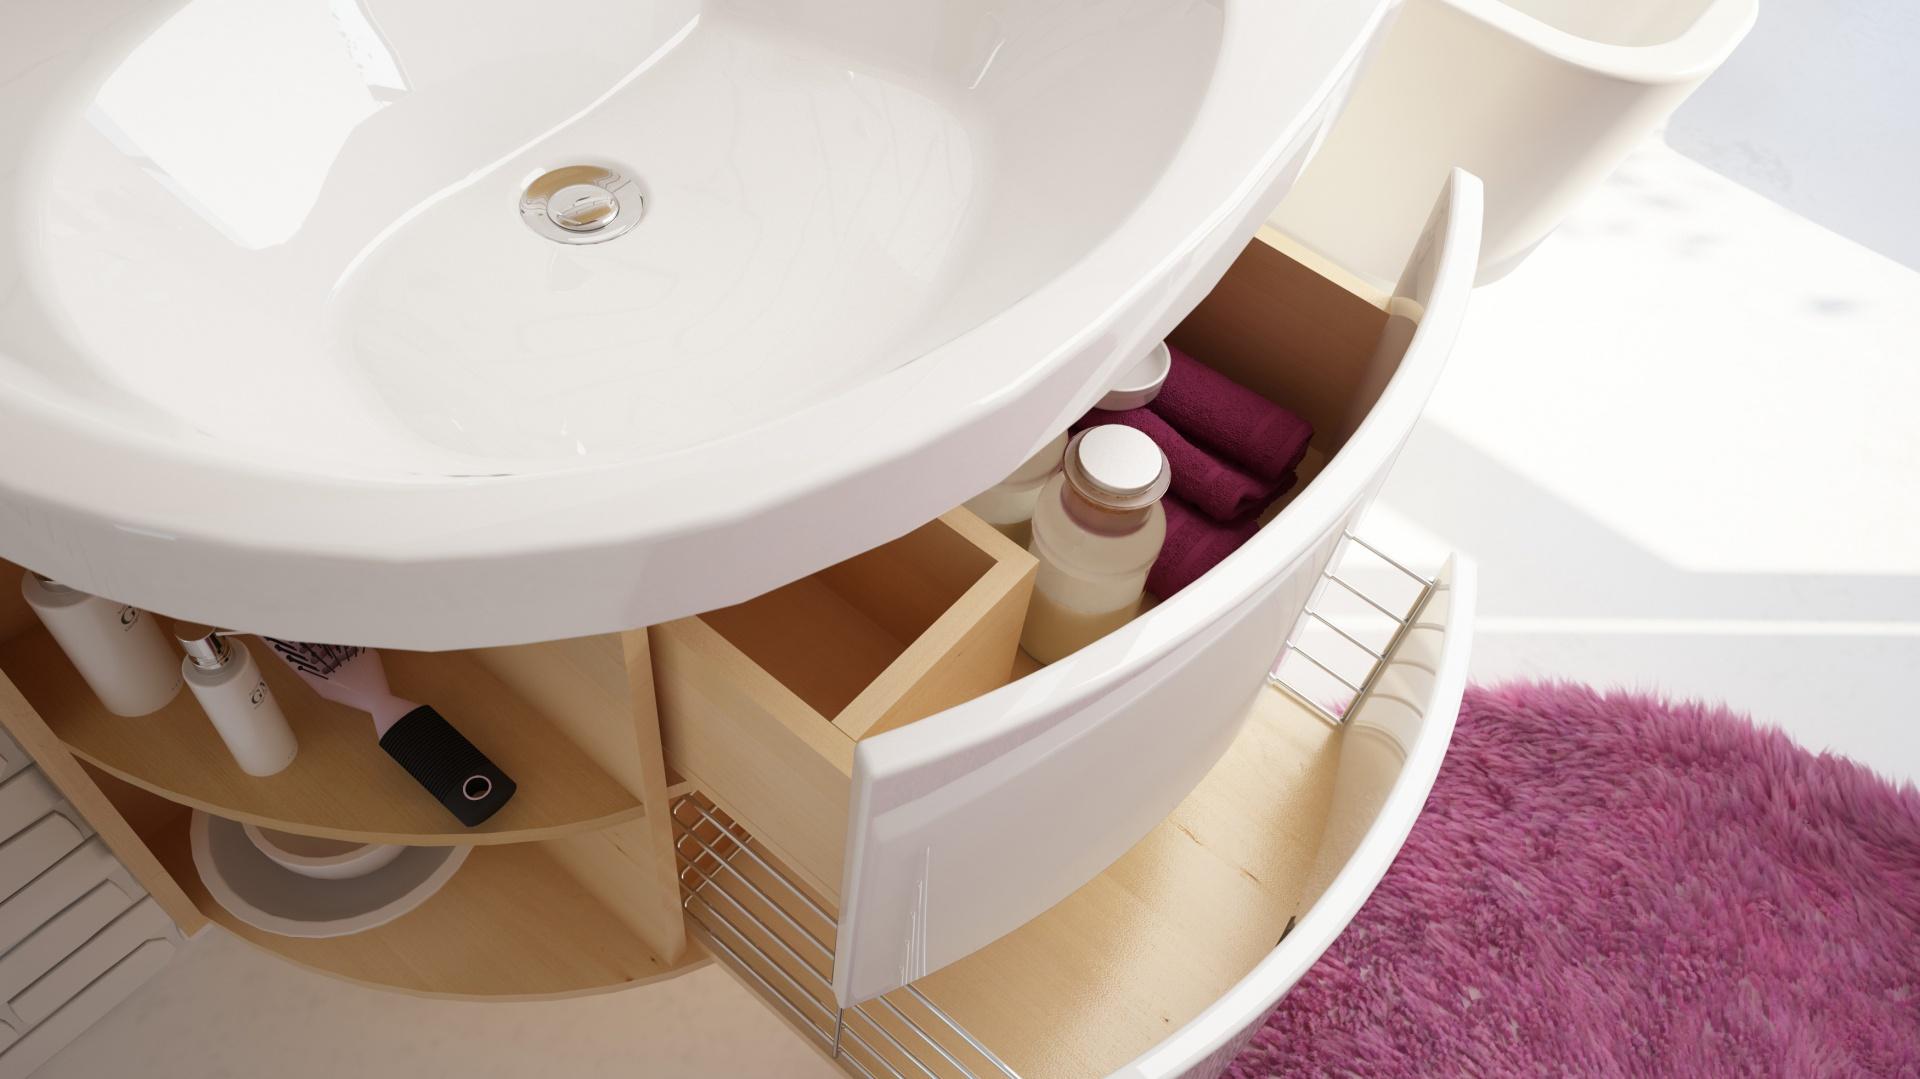 Szuflada Sprawdzony Sposób Na Przechowywanie W Małej łazience